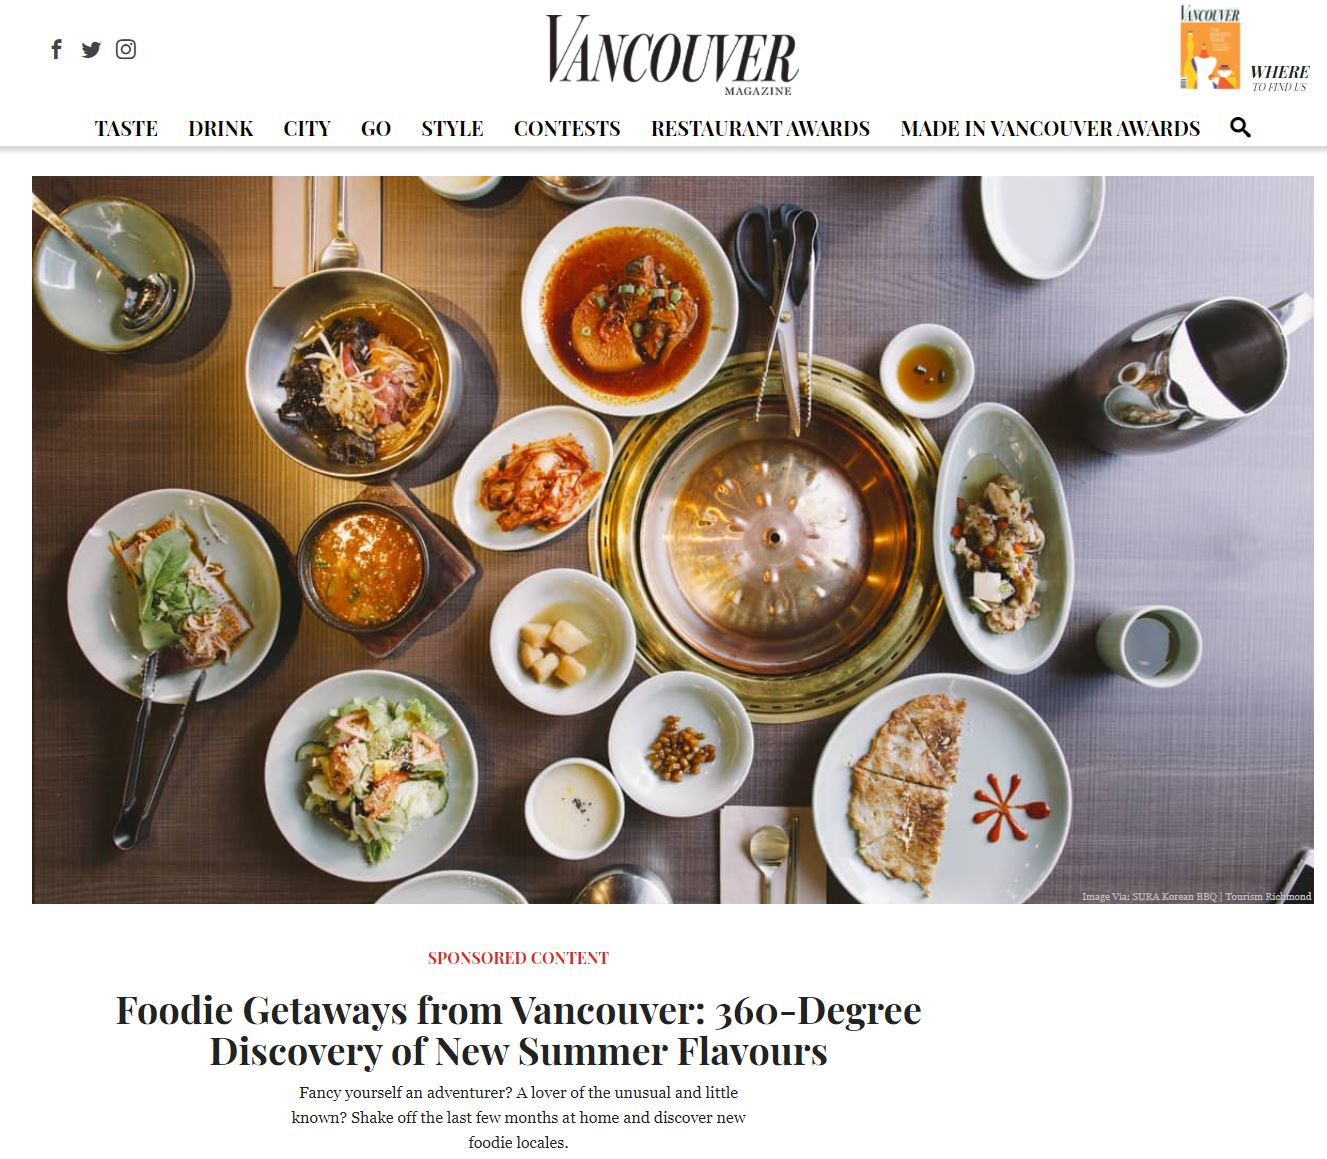 Foodie getaways from Vancouver (VanMag coverage).